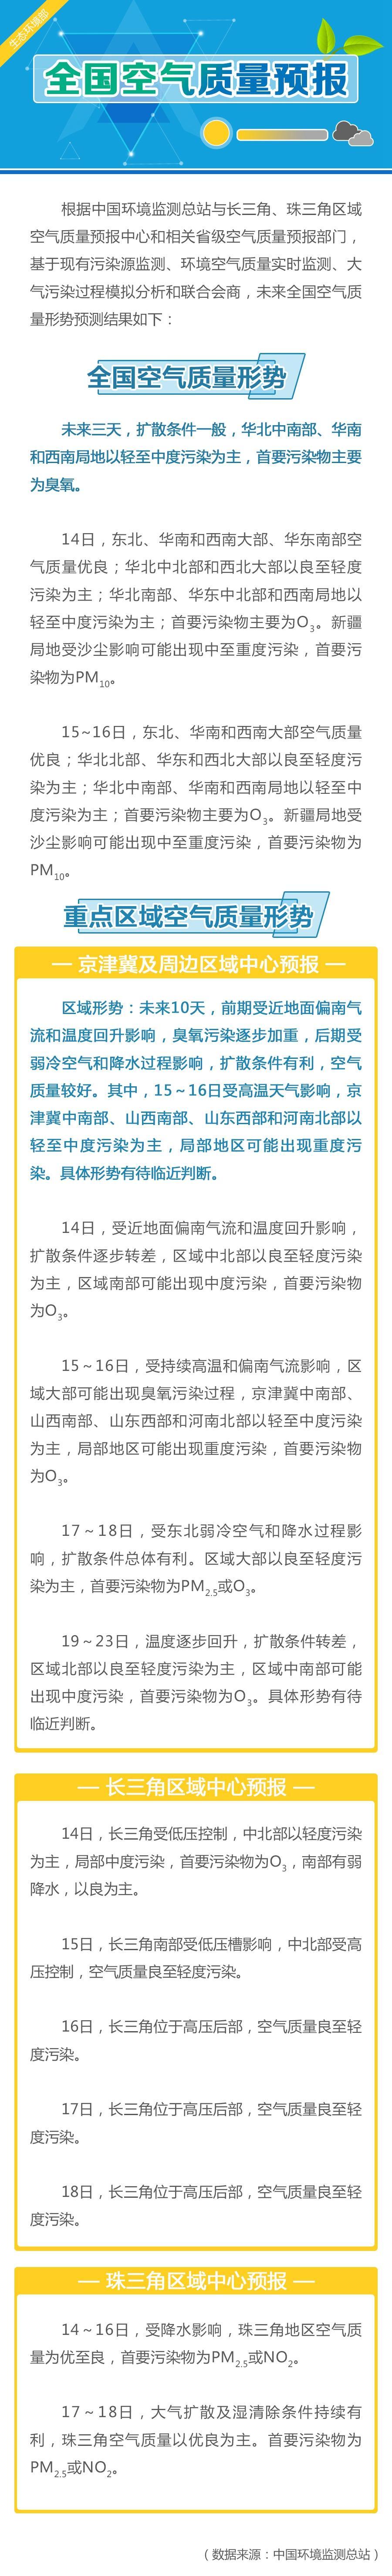 未来三天华北华南西南局地有轻至中度污染